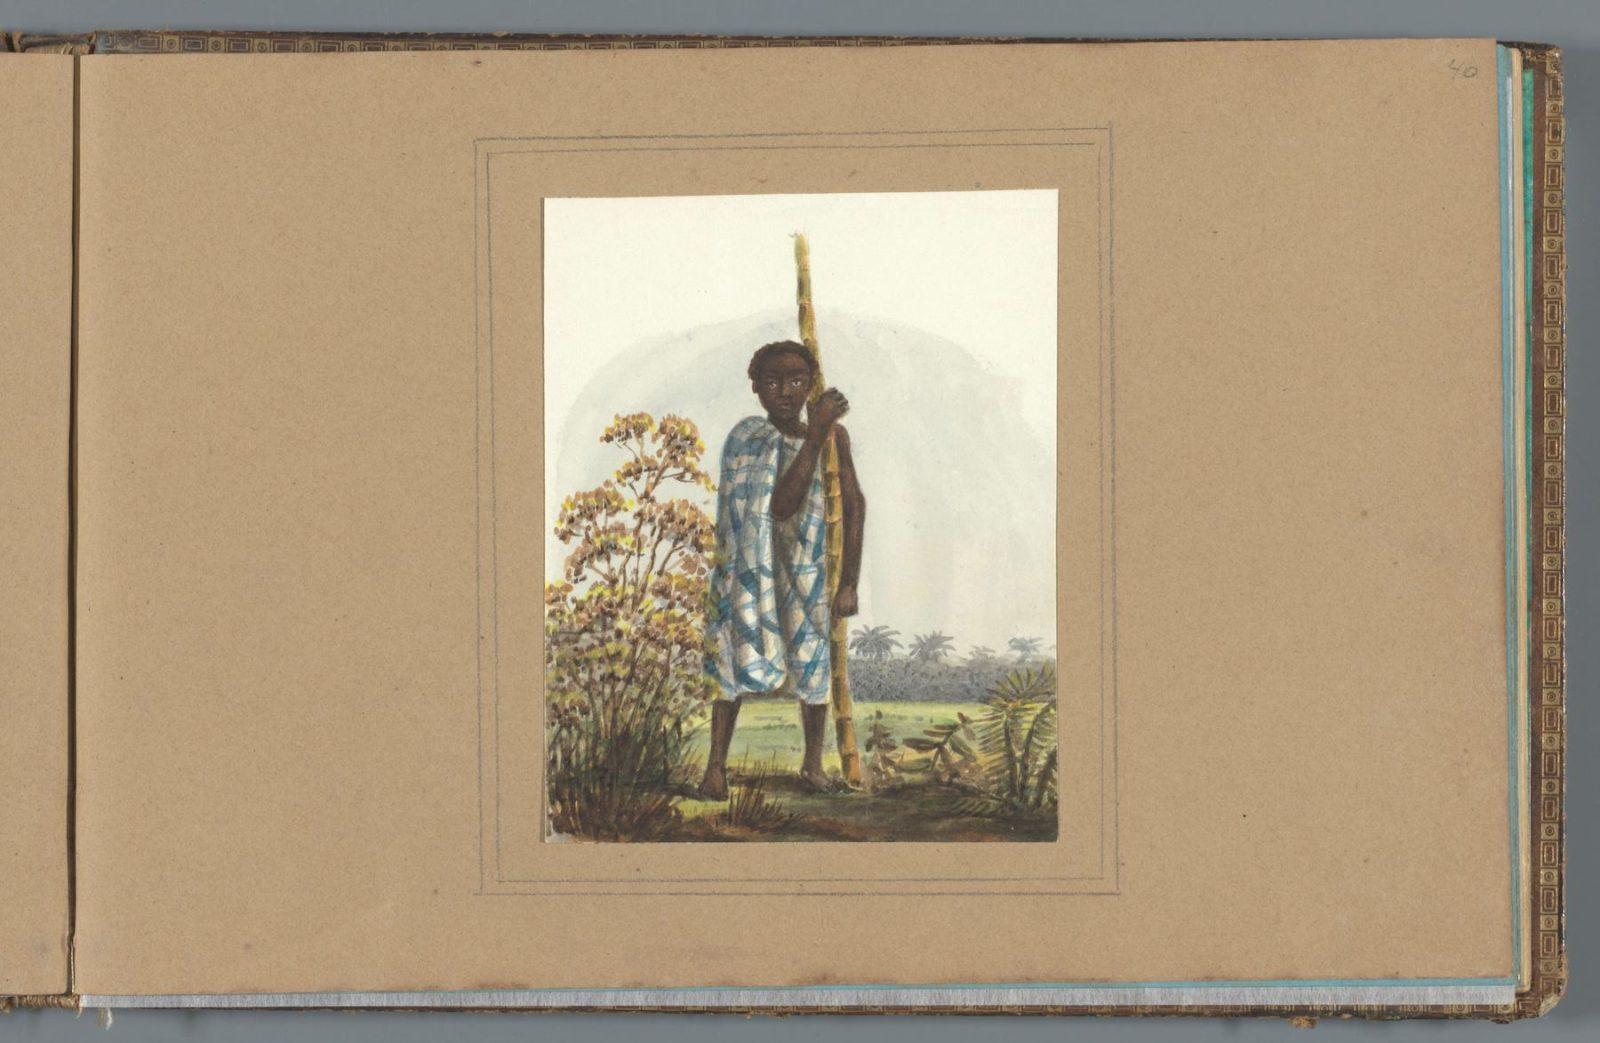 Jongen-met-grote-stengel-suikerriet2c-Jacob-Marius-Adriaan-Martini-van-Geffen2c-in-of-na-ca.-1850-in-of-voor-ca.-1860-Collectie-Rijksmuseum